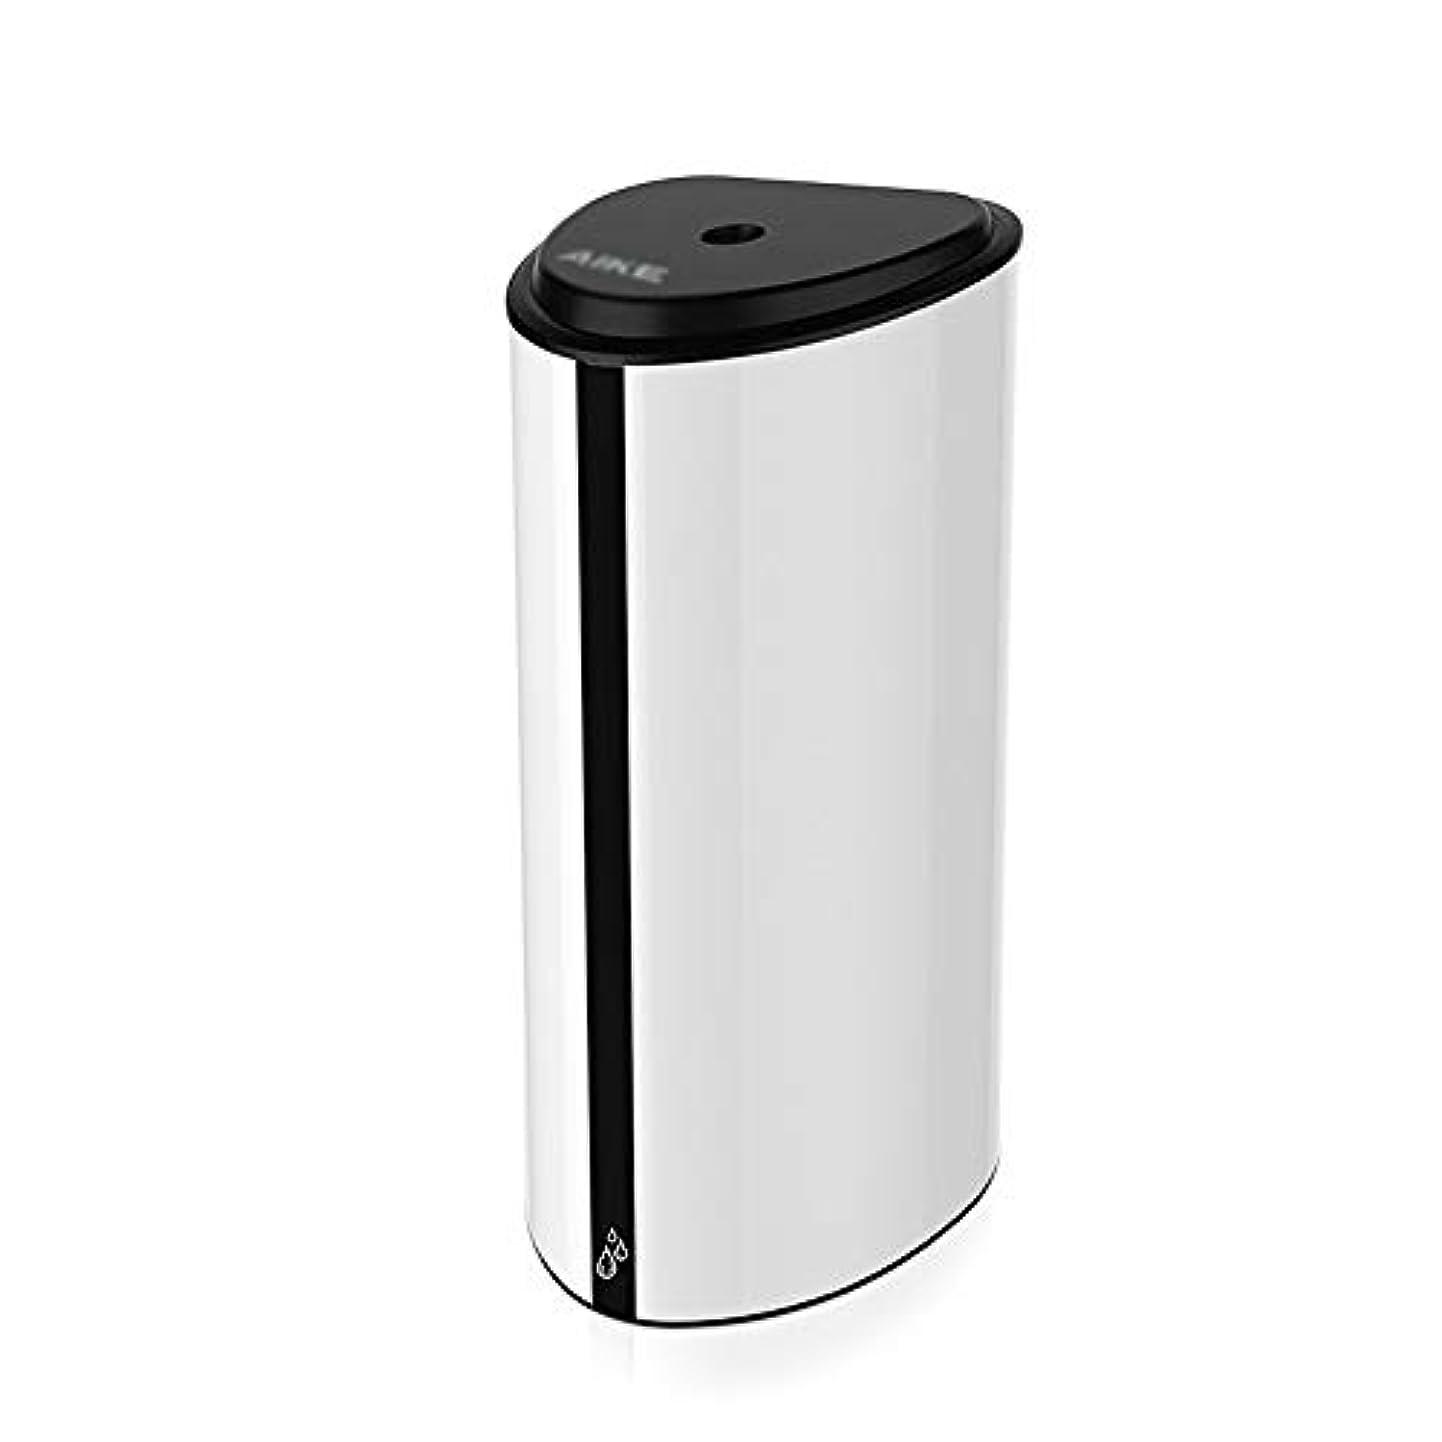 少ない復活主張するソープディスペンサー 800ミリリットル容量の自動ソープディスペンサーは、タッチレスバッテリーは、ハンズフリーソープディスペンサーを運営しました ハンドソープ 食器用洗剤 キッチン 洗面所などに適用 (Color : White...